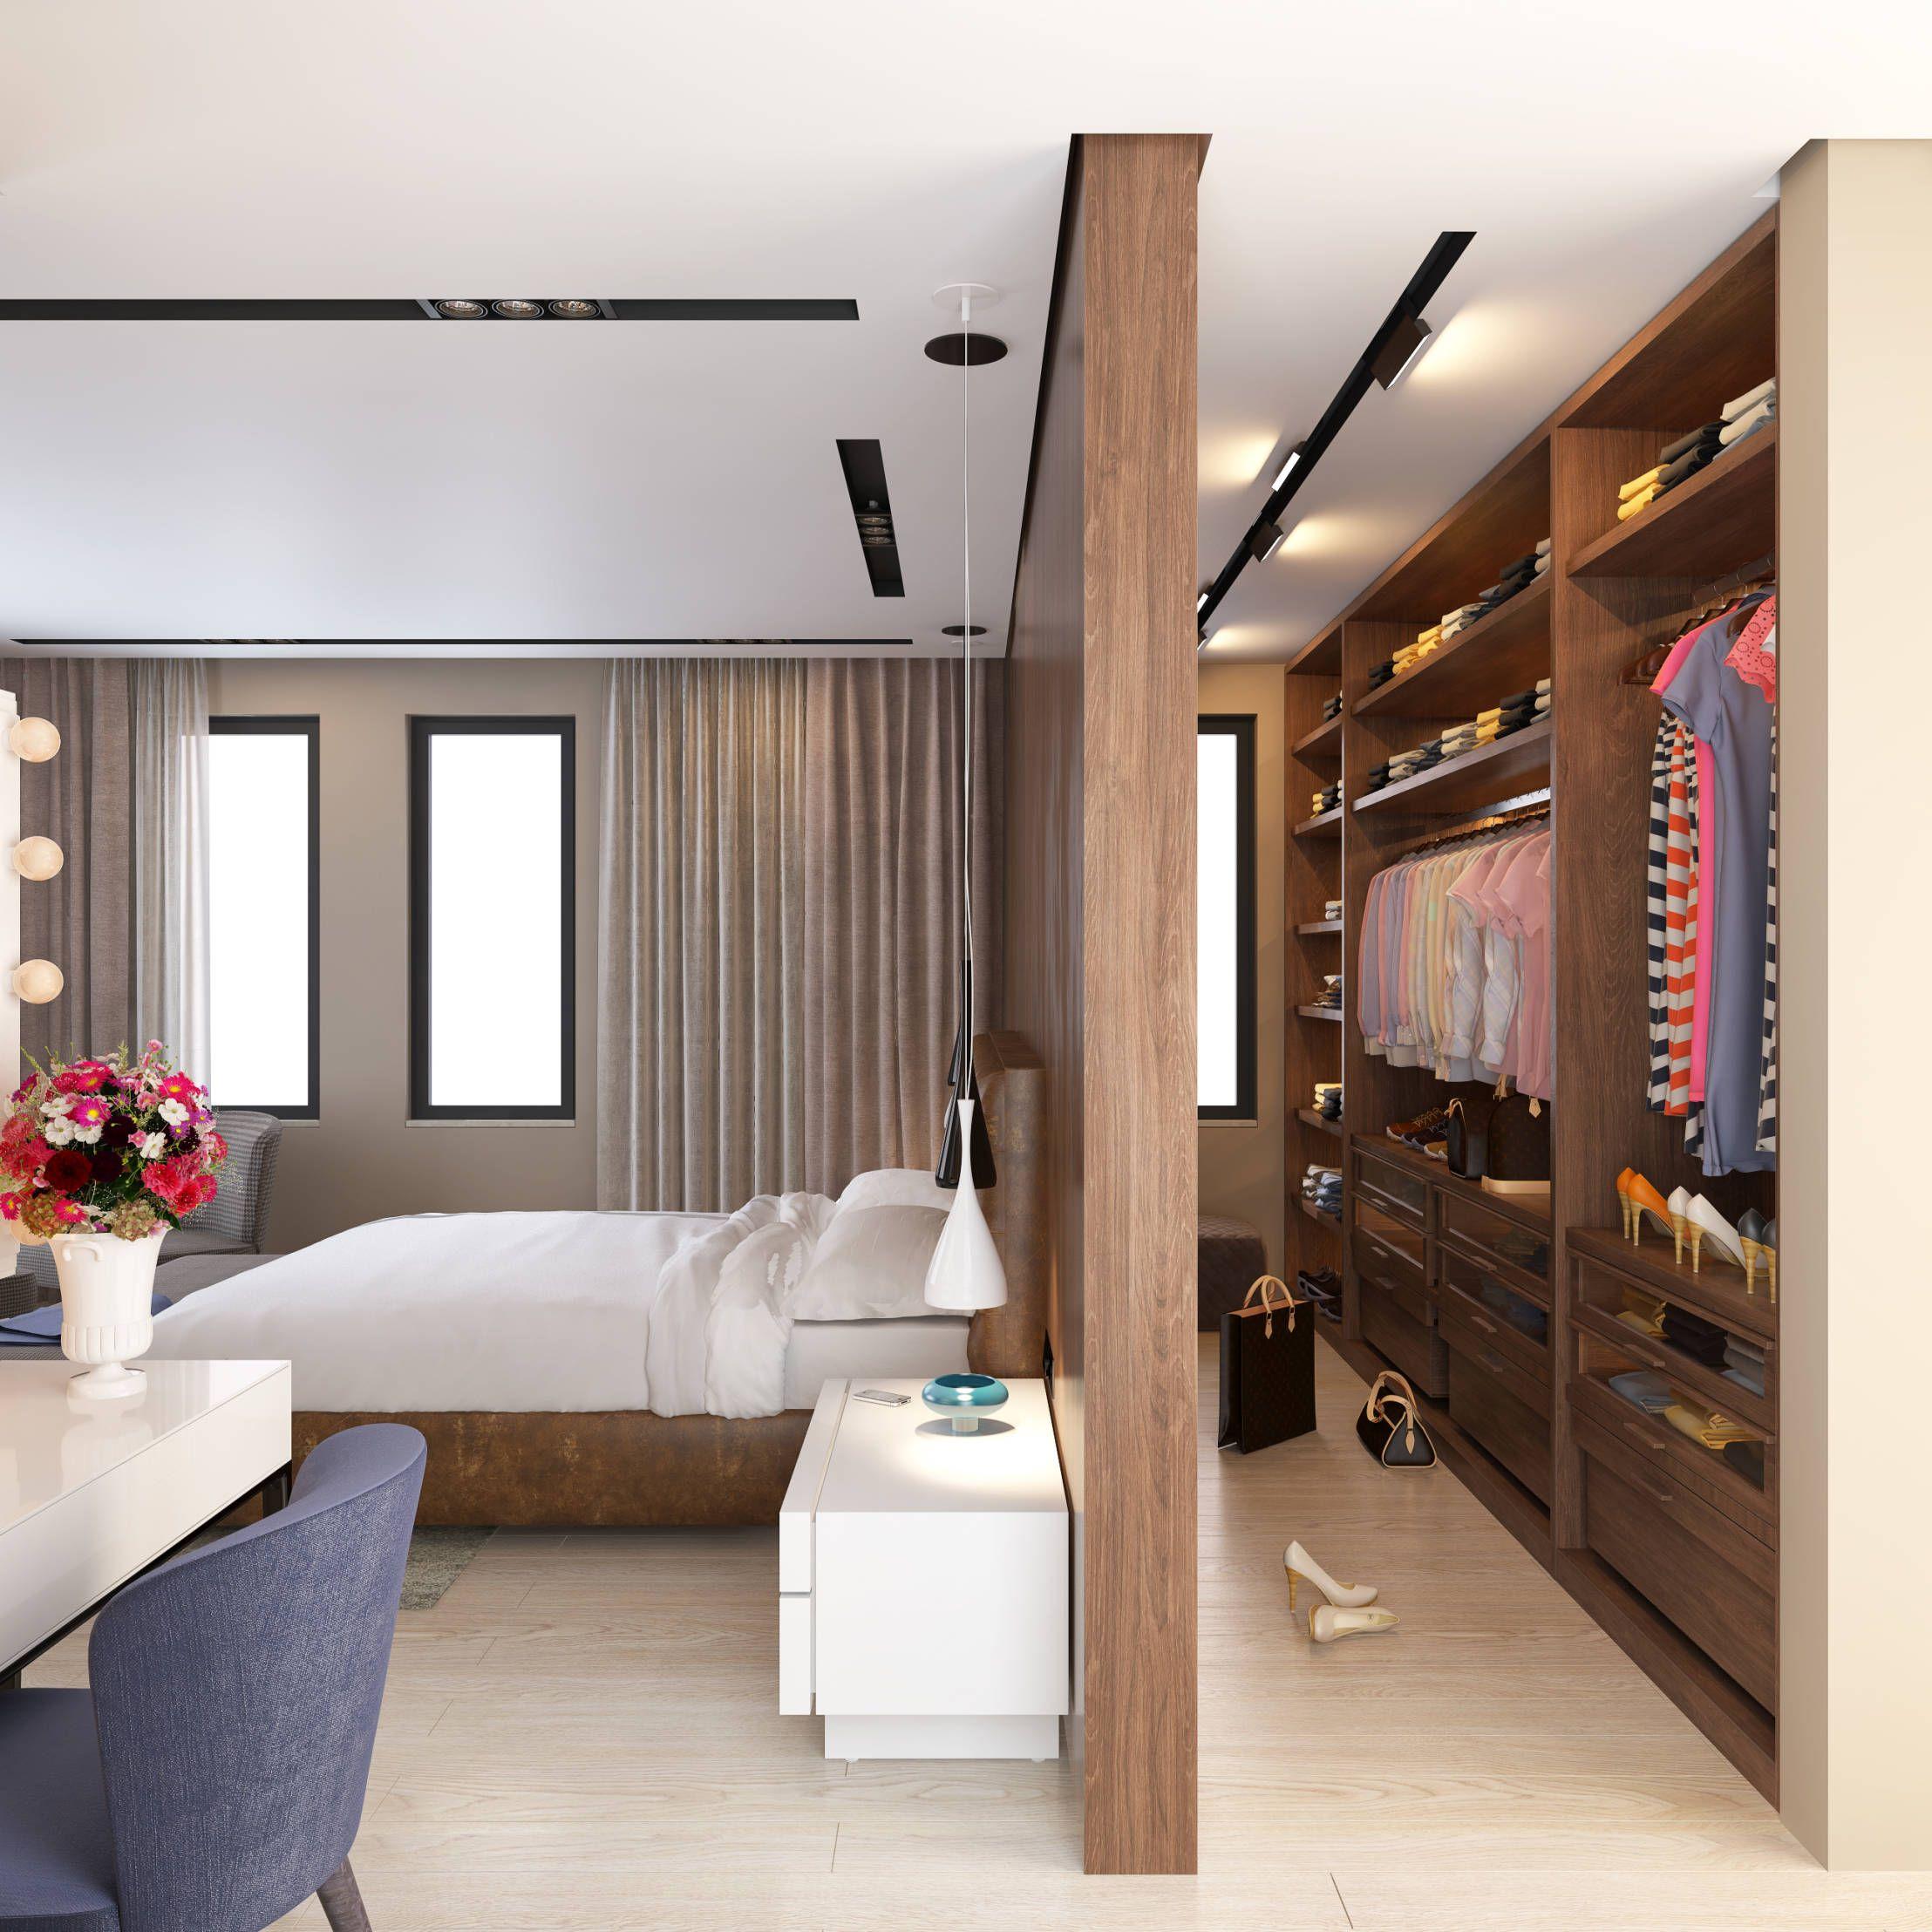 schlafzimmer mit begehbarem kleiderschrank ...